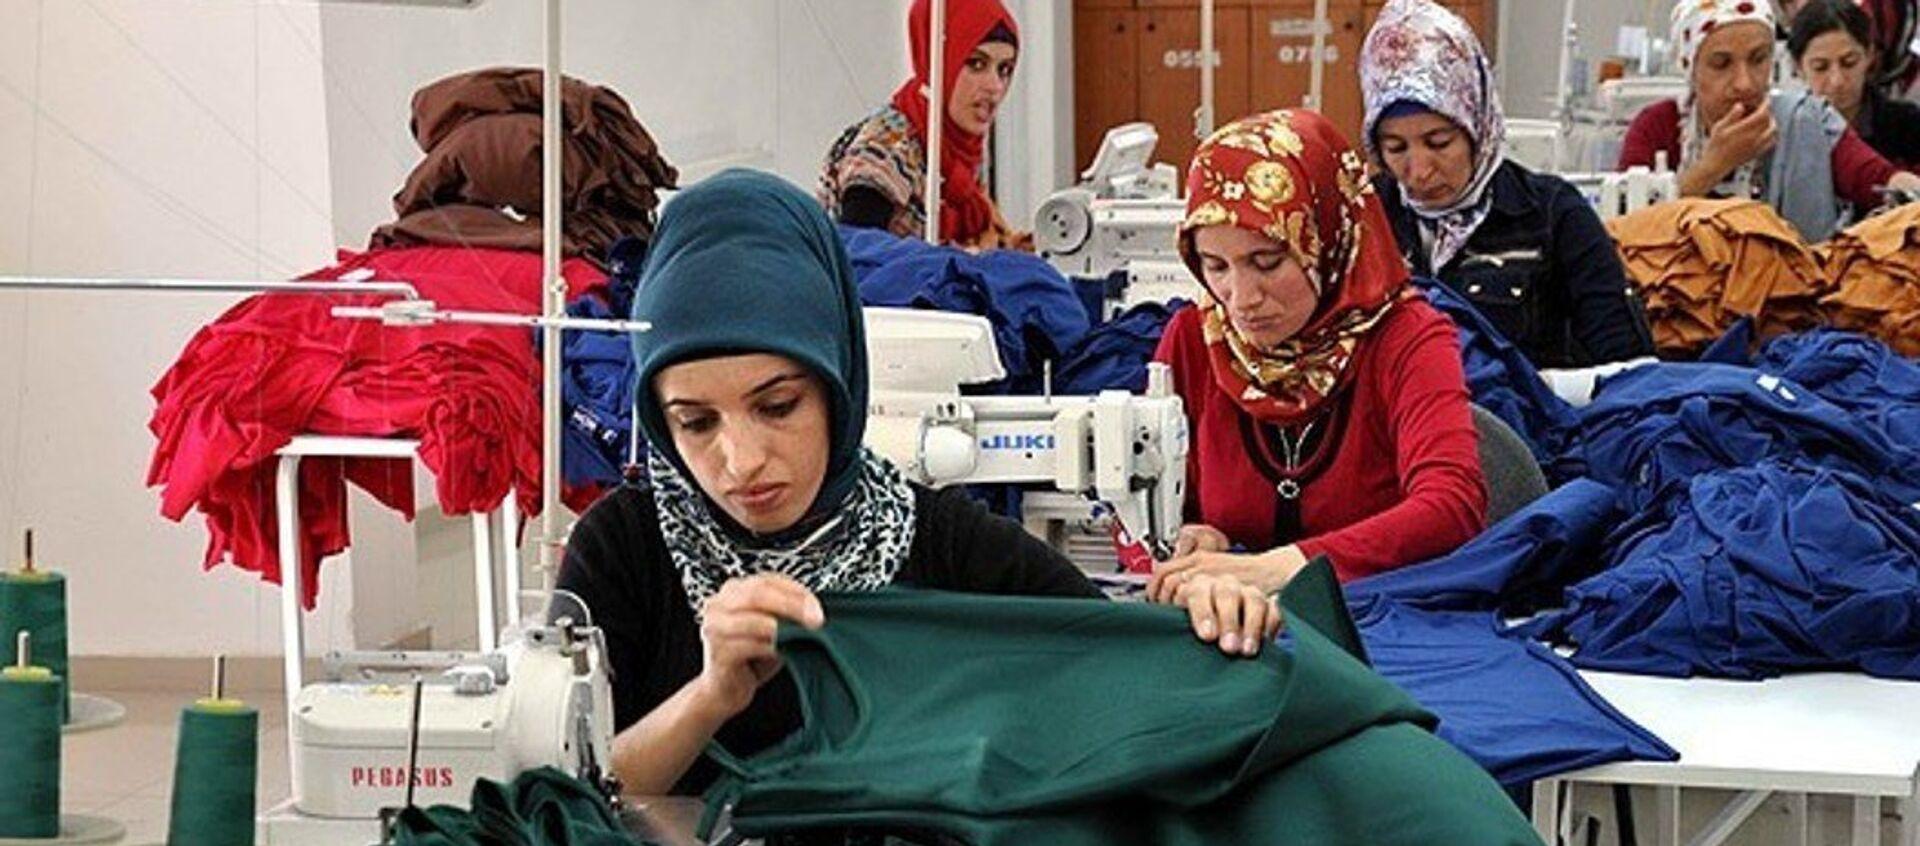 tekstil - kadın - işçi - fabrika - Sputnik Türkiye, 1920, 15.07.2021